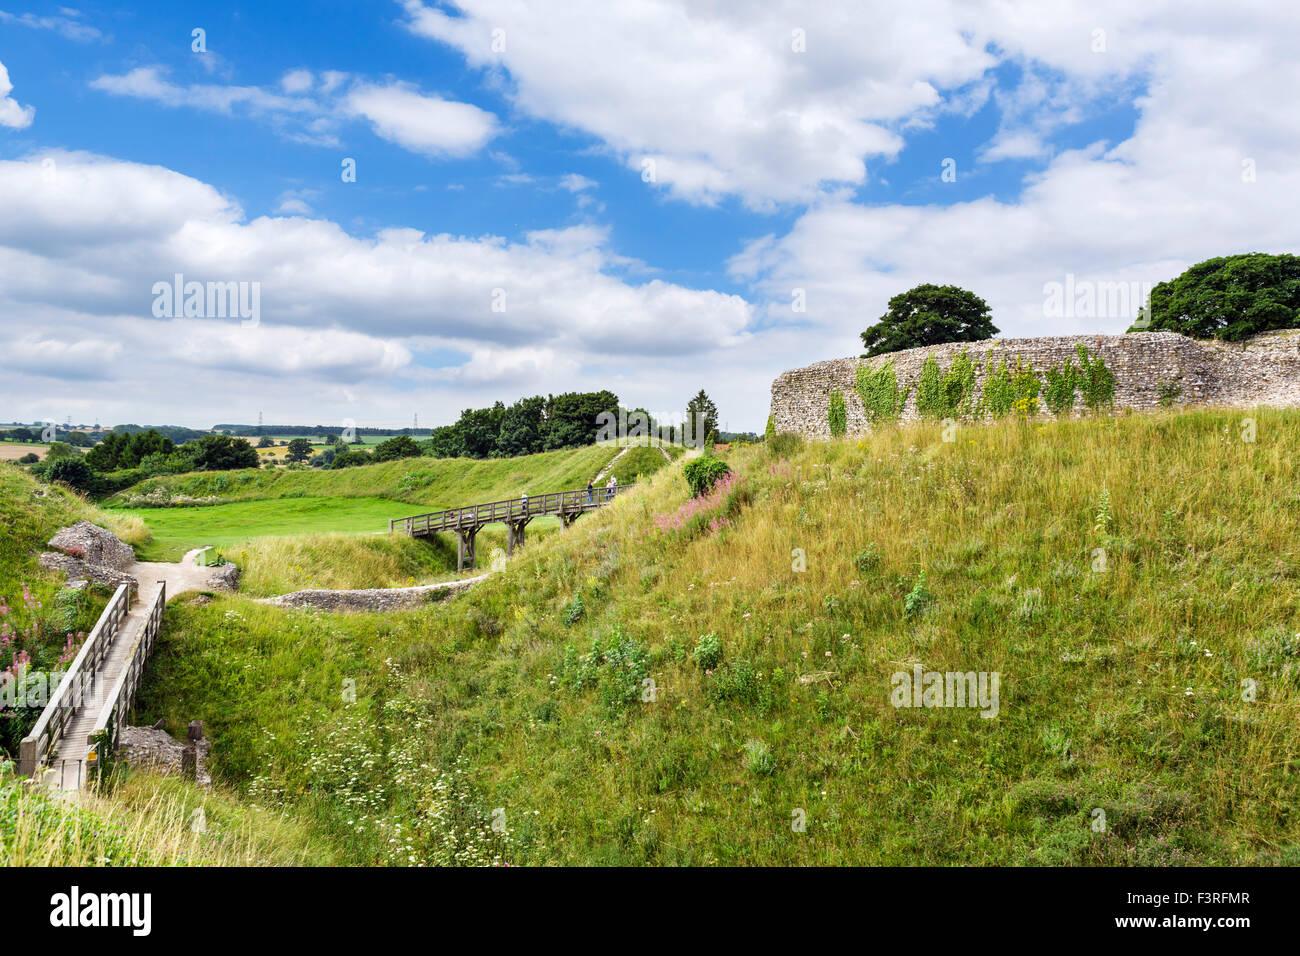 Les ruines du château d'Acre, une cité médiévale Château motte-et-bailey, Château Photo Stock